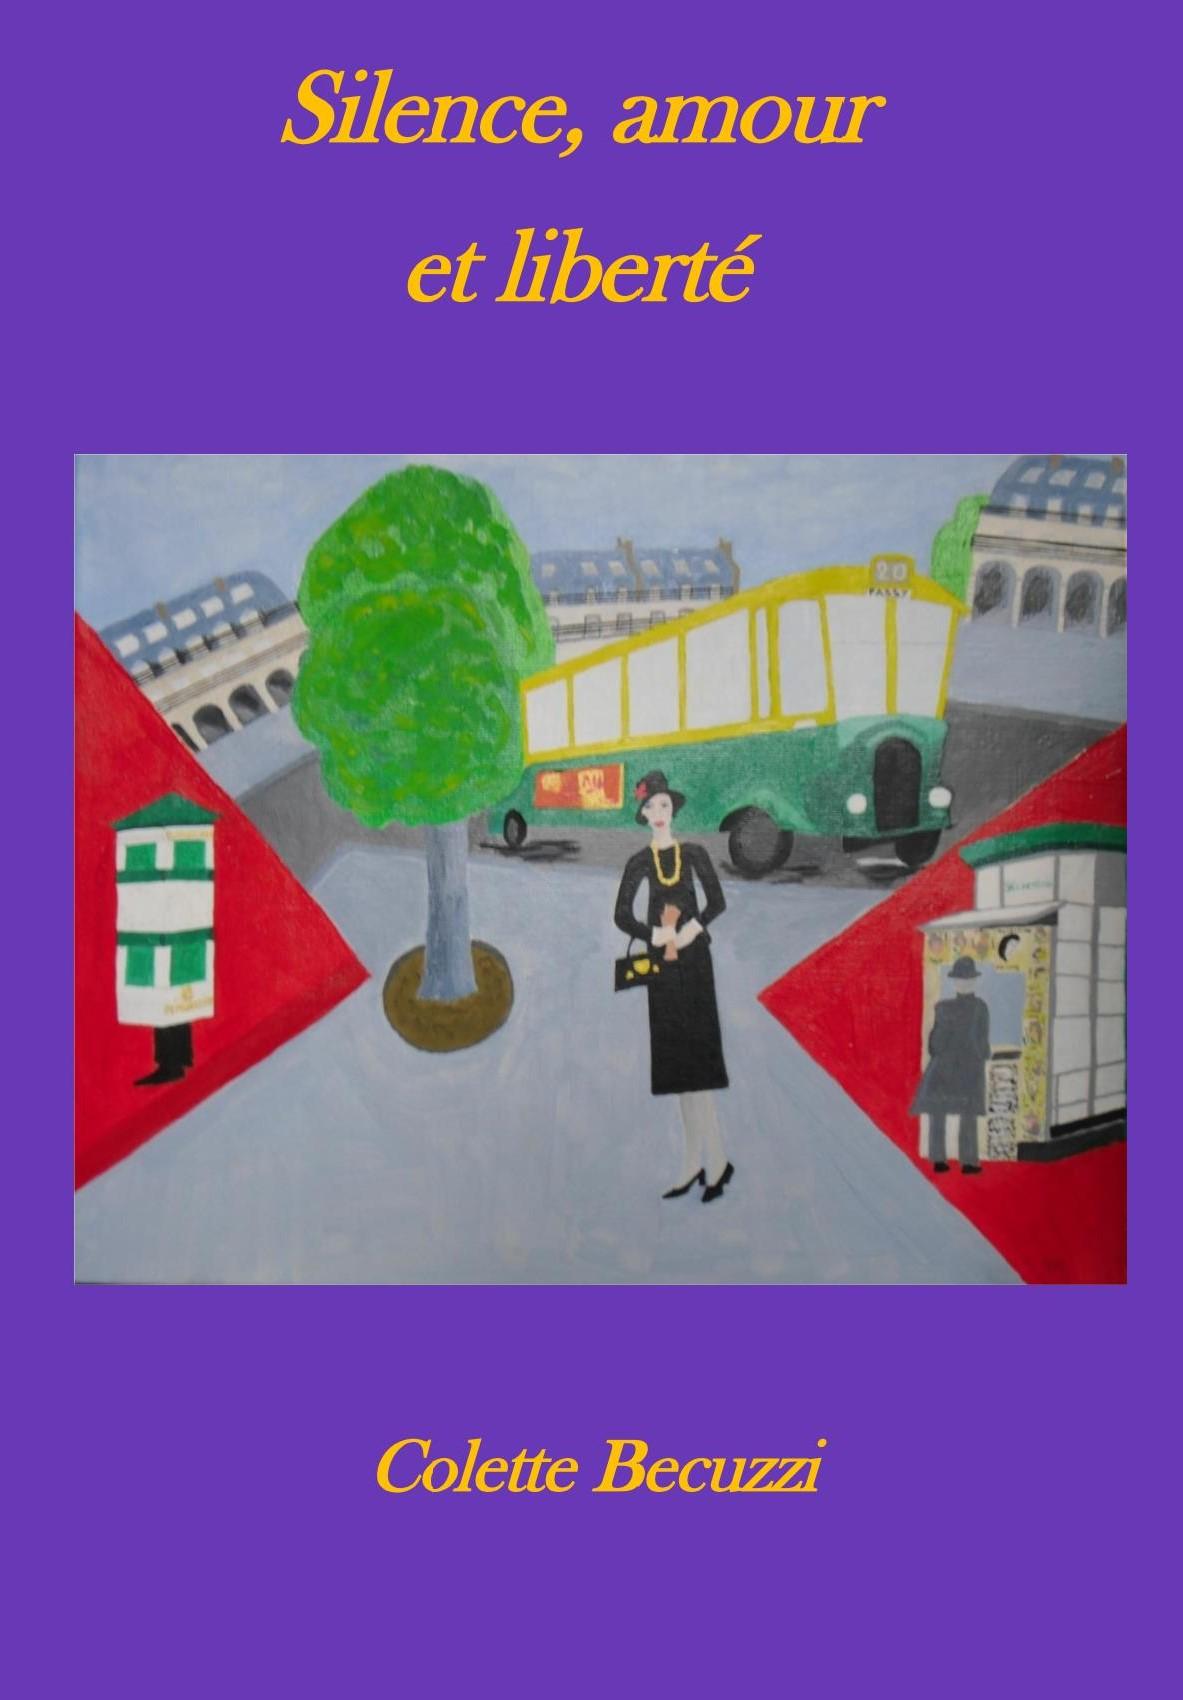 Silence, Amour et liberté – Colette Becuzzi